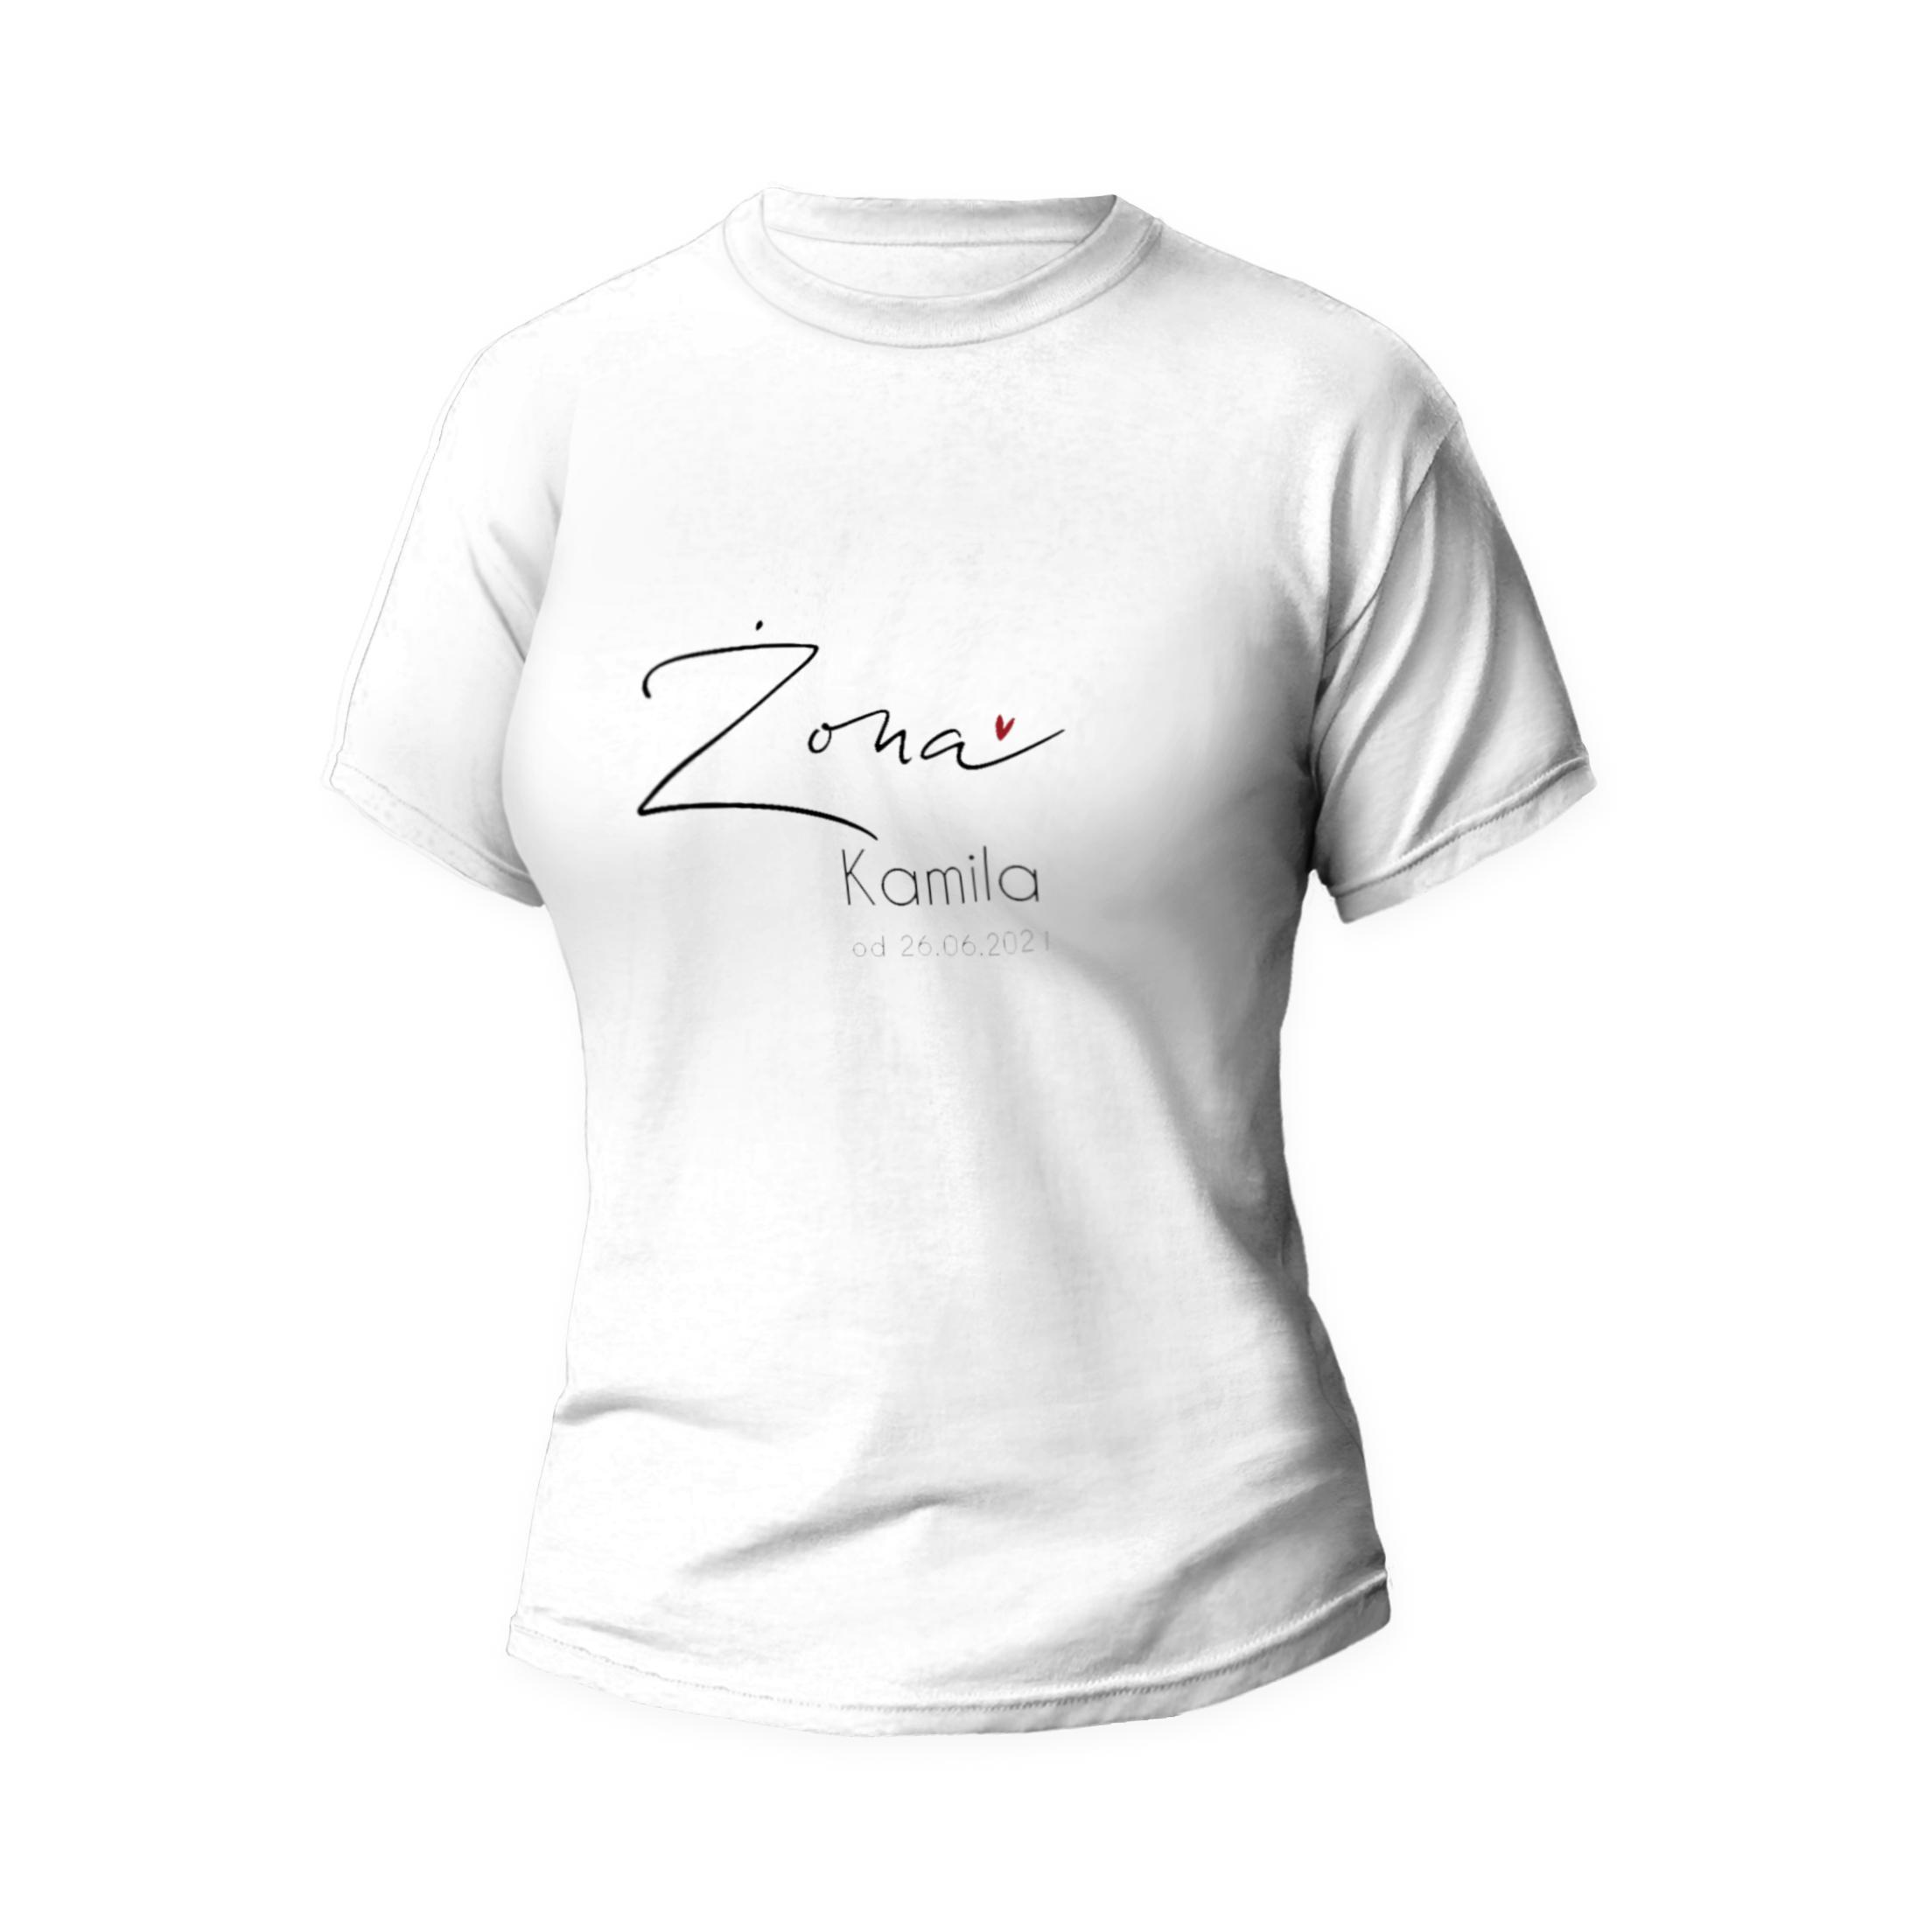 Rozmiar L - koszulka damska z własnym nadrukiem dla żony - biała